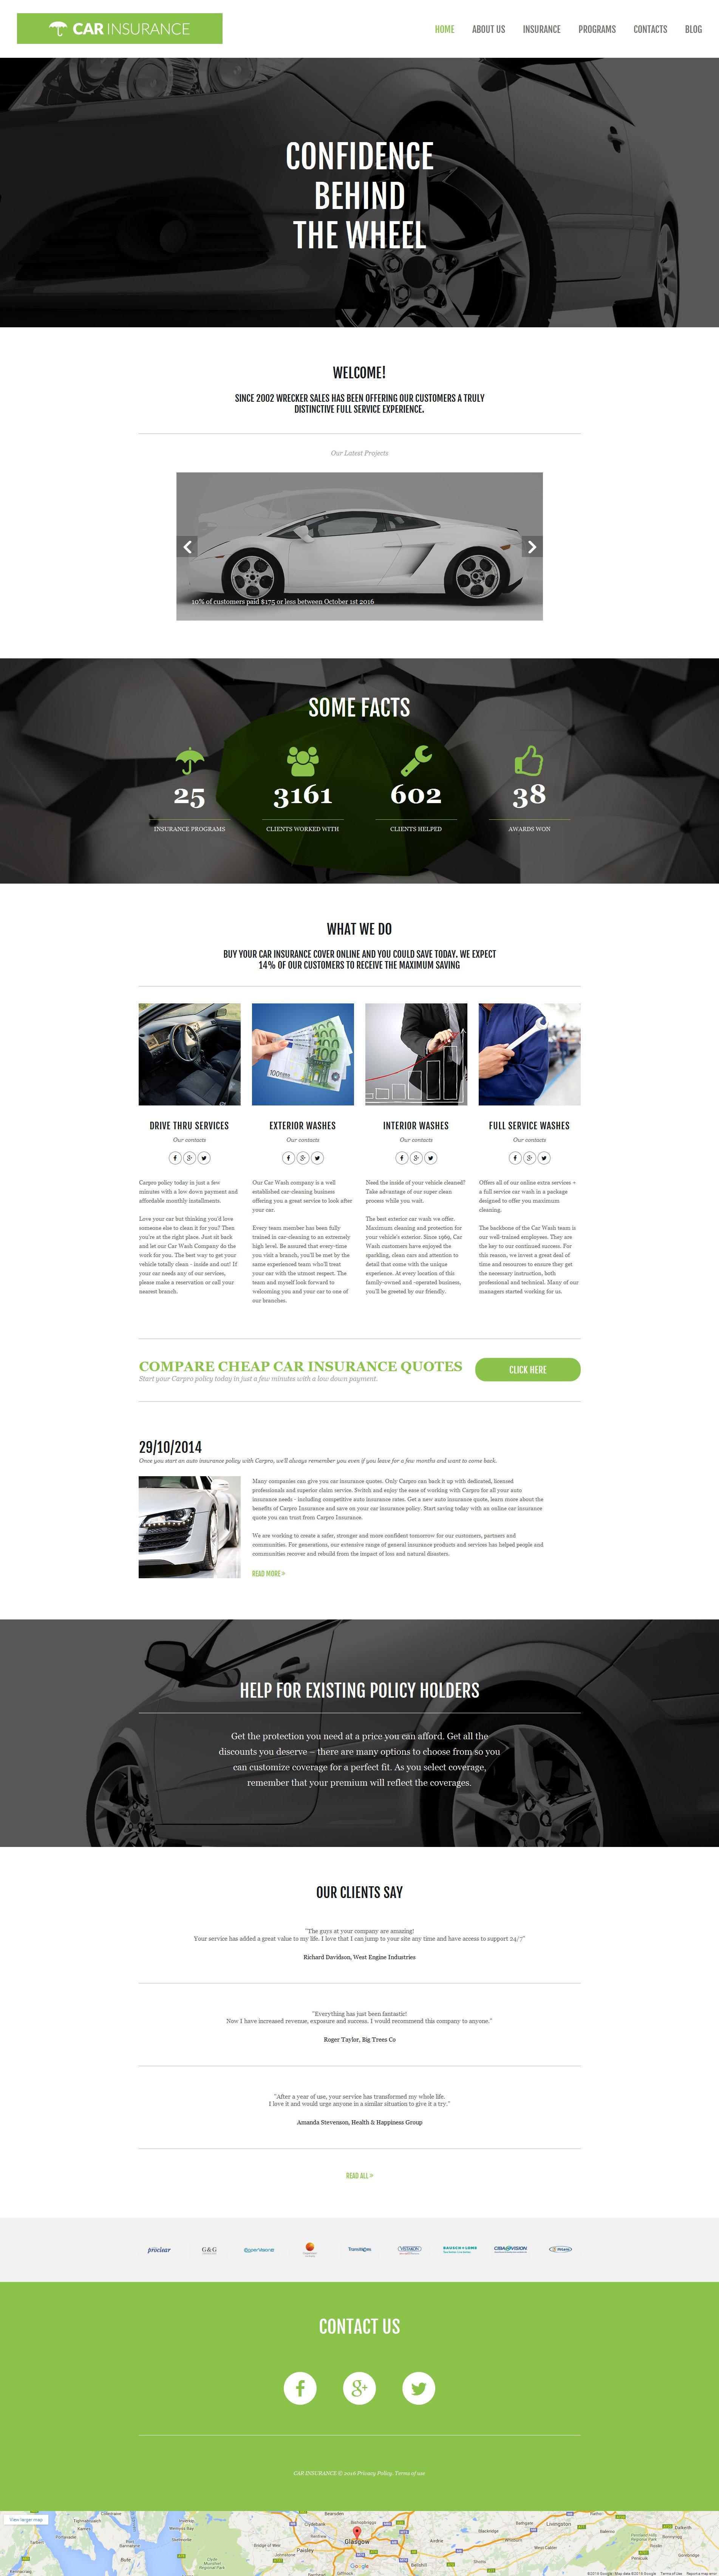 Modèle Moto CMS 3 adaptatif pour sociétés d'assurance automobile #58681